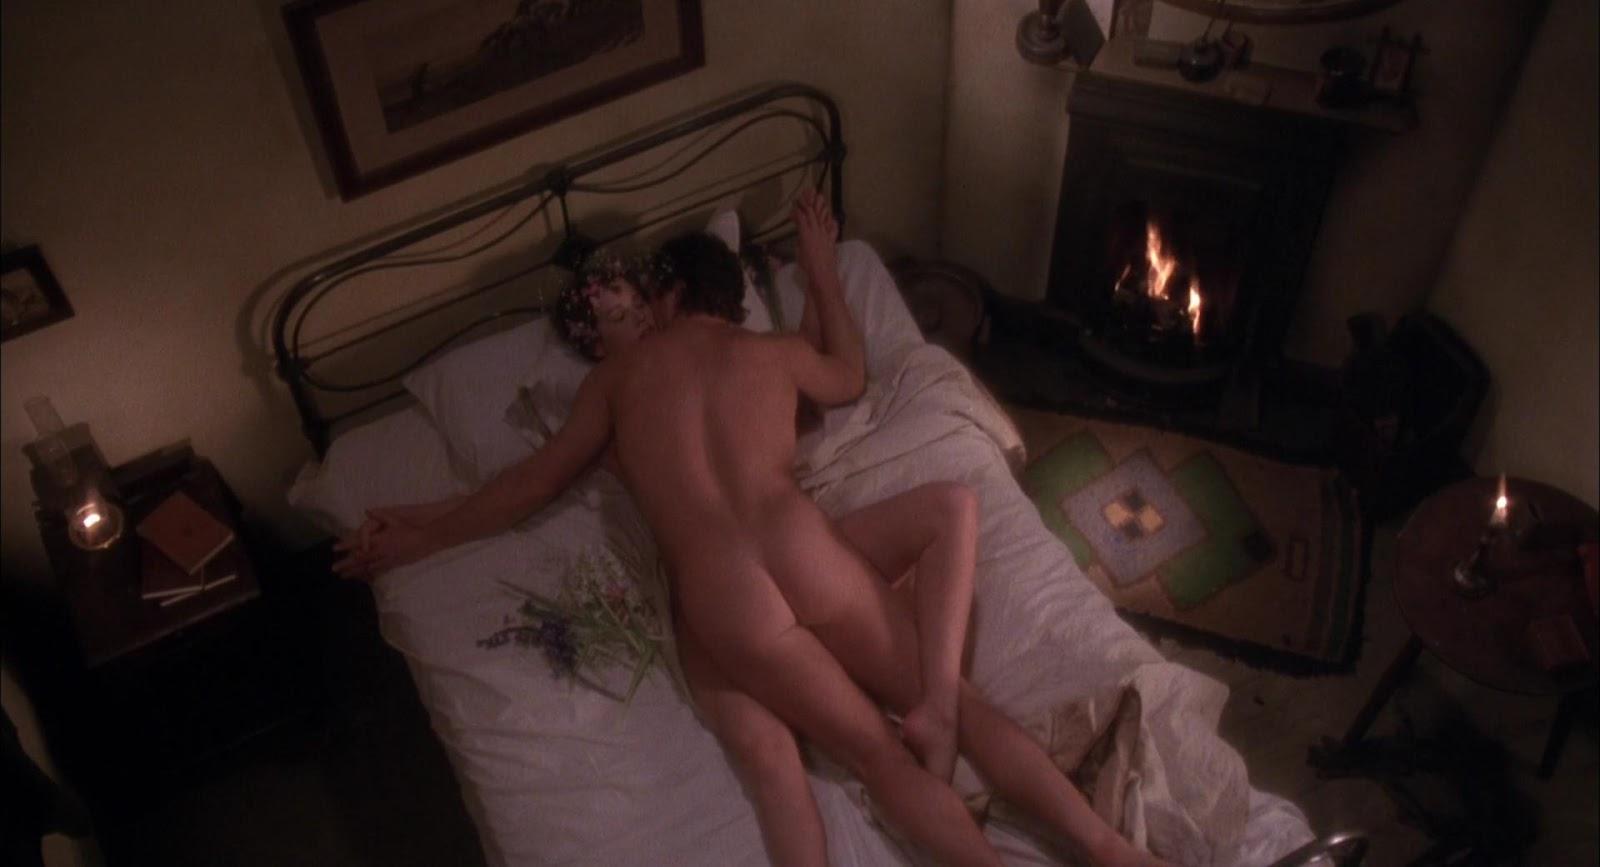 Французские фильмы с эротикой онлайн